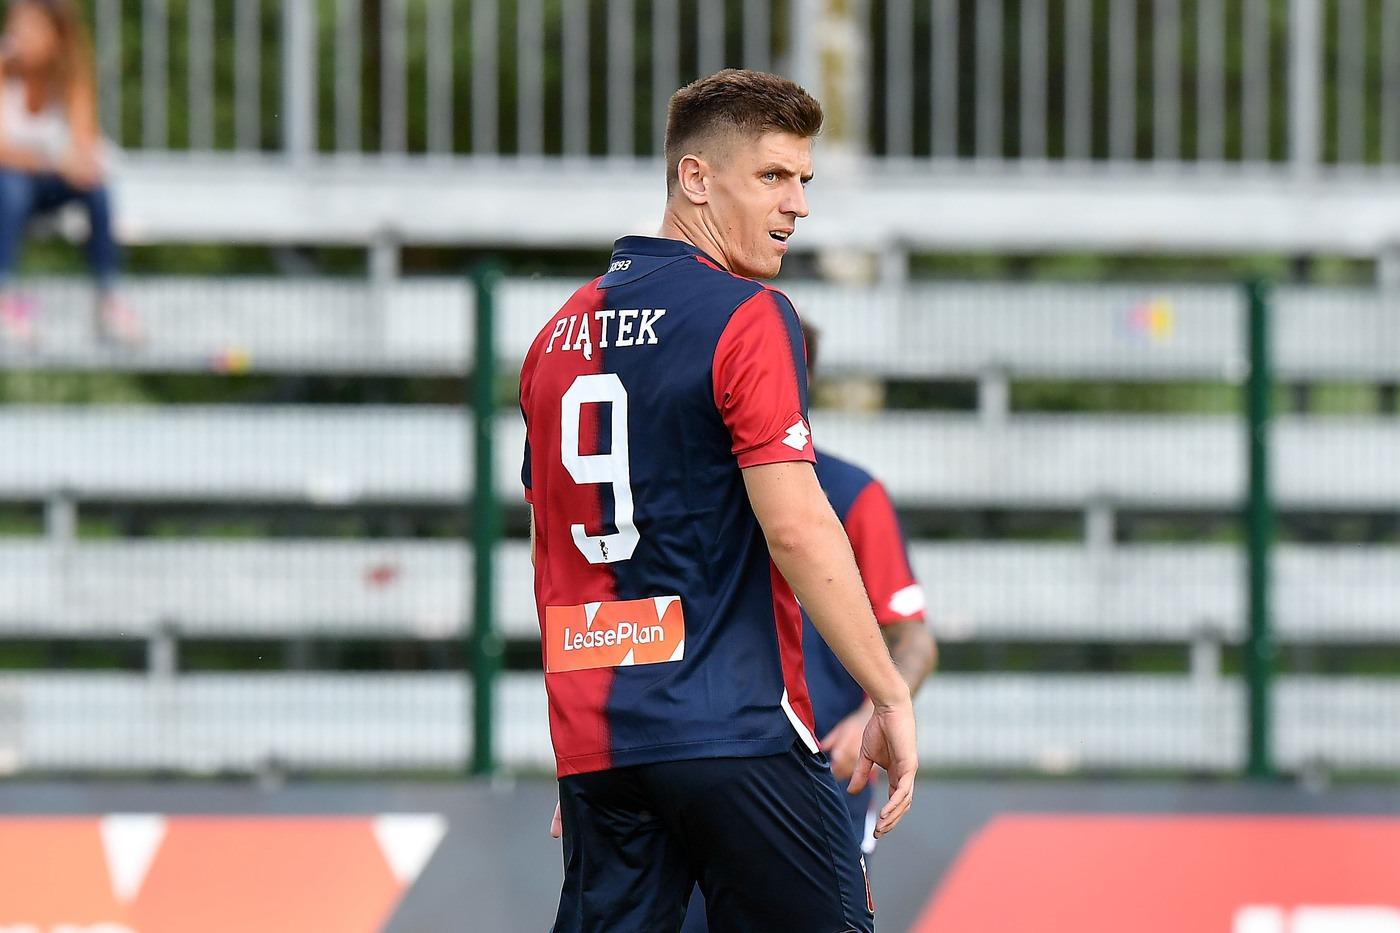 Serie A, Sassuolo-Genoa domenica 2 settembre: analisi e pronostico della terza giornata del campionato italiano. Probabili formazioni